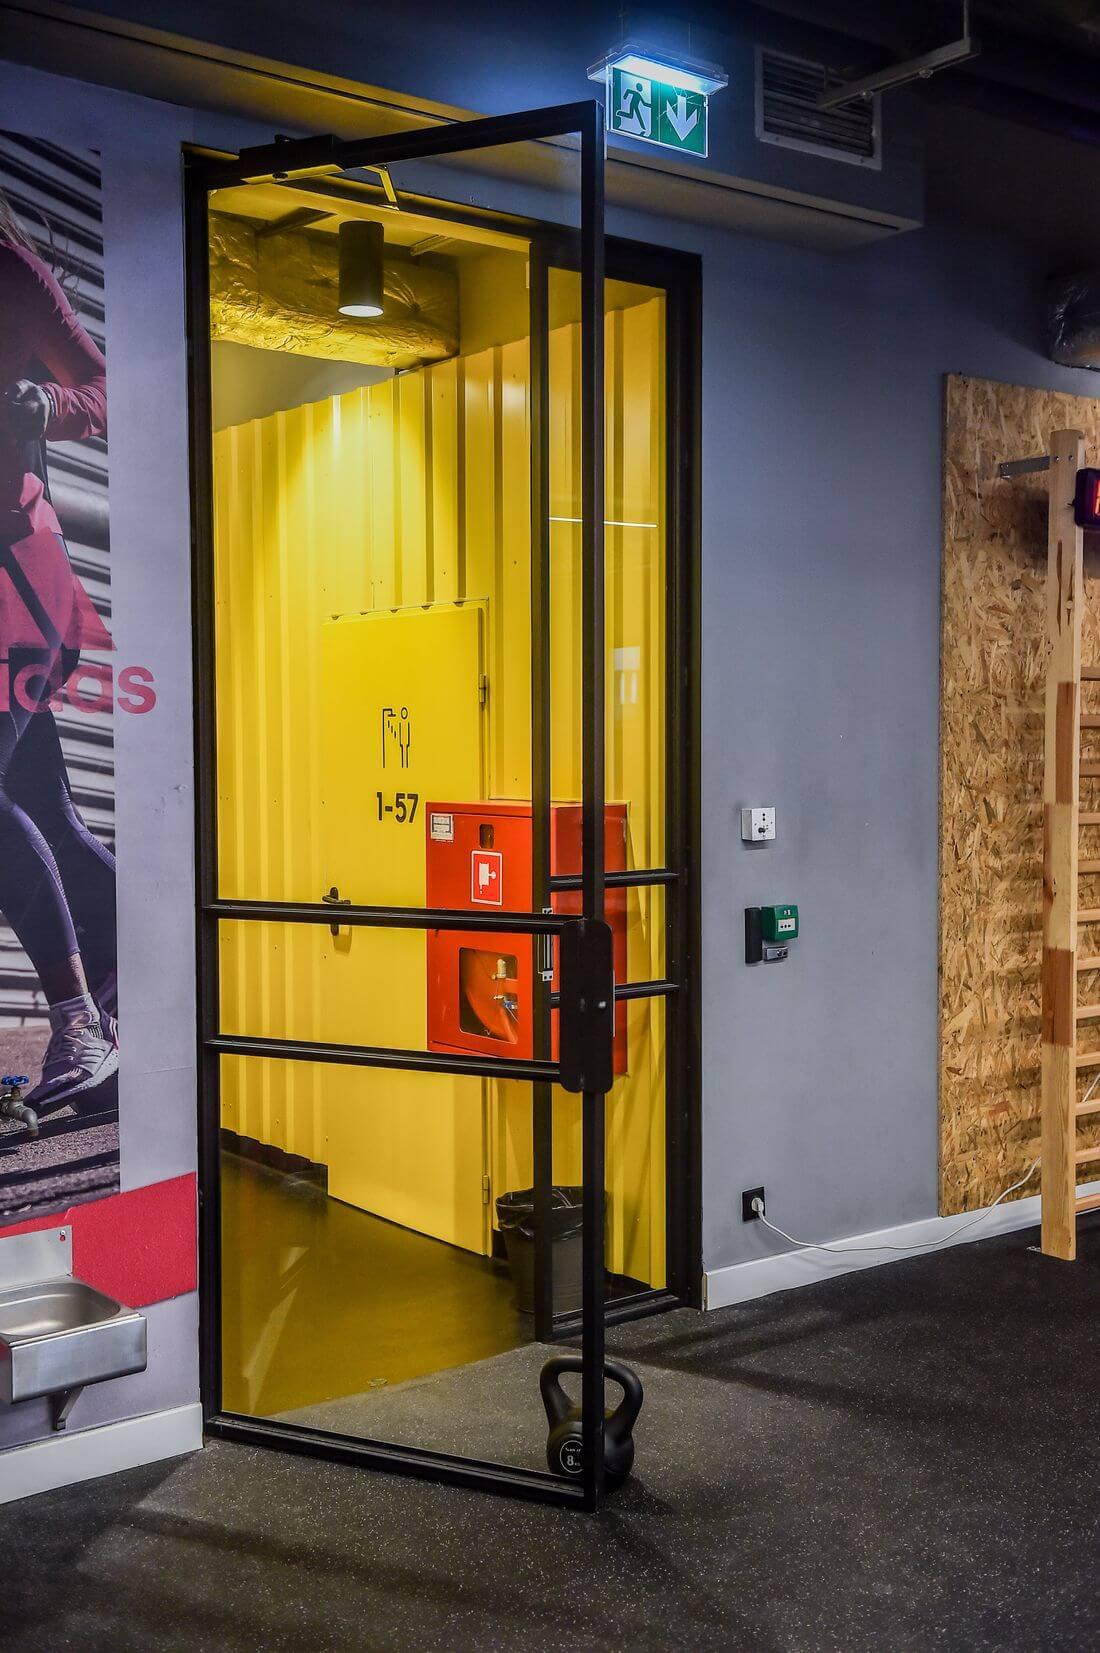 Loft Doors and Loft Walls Glazed Black Metal Open in Adidas Runners Warsaw in the yellow corridor